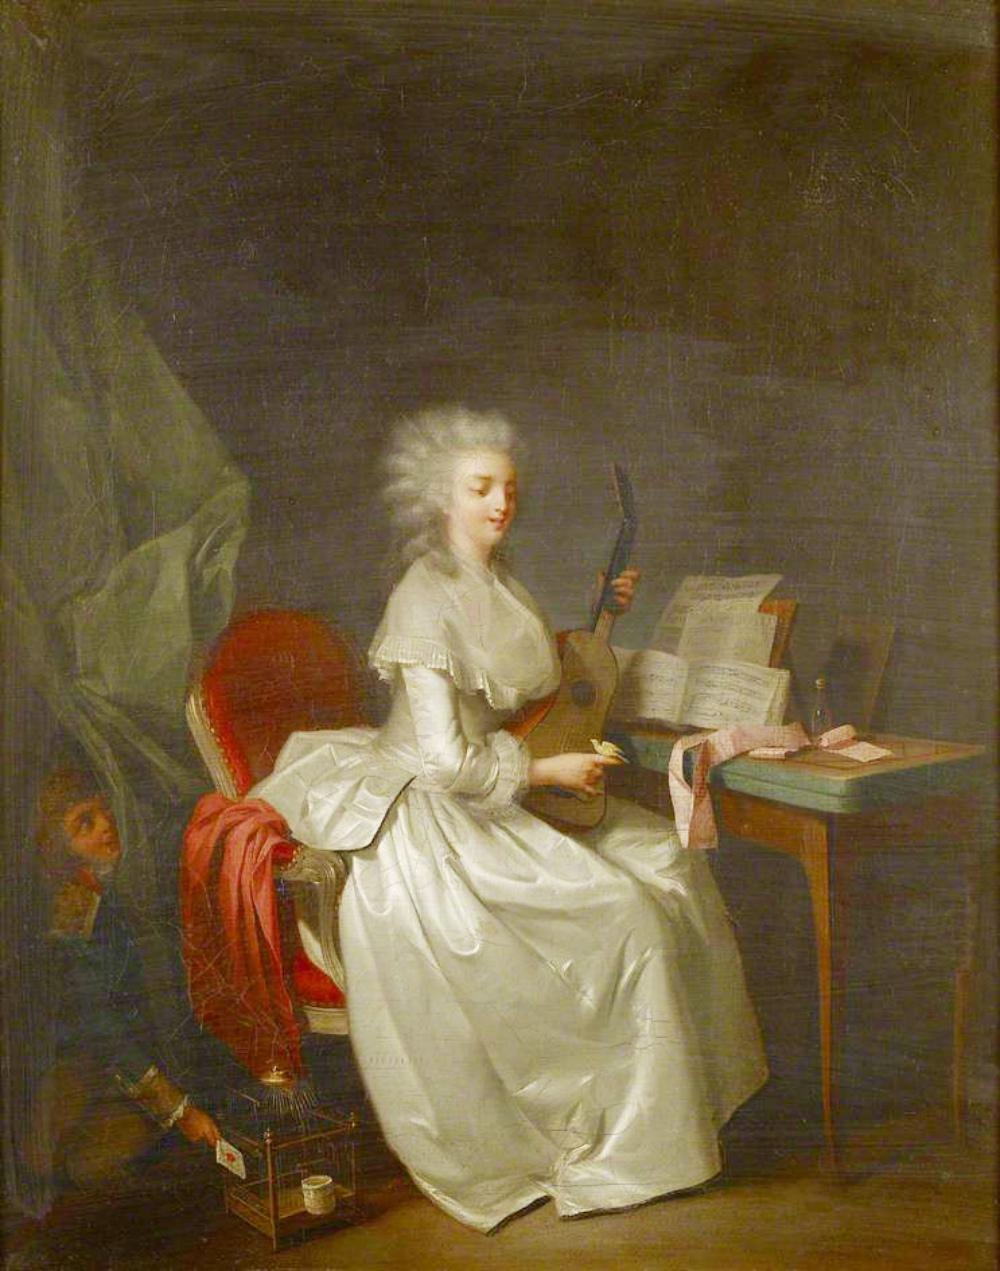 Boilly 1785-88 Jeune femme a la guitare tenant un oiseau dans sa main Ashmolean Museum Oxford